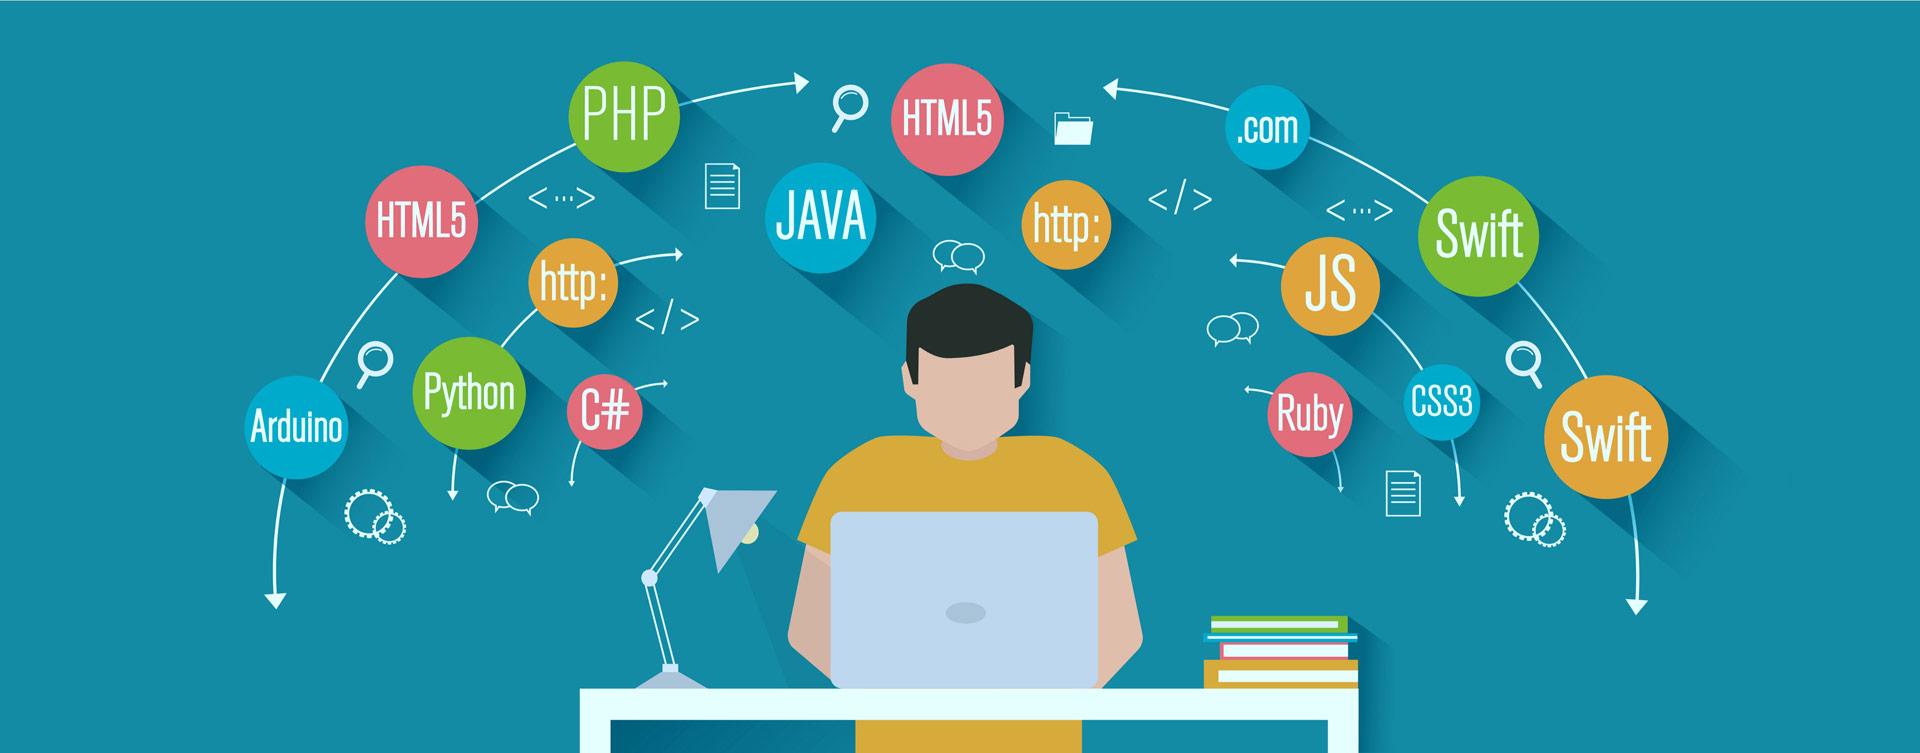 برنامه نویسی چیست و چه کاربردی دارد؟